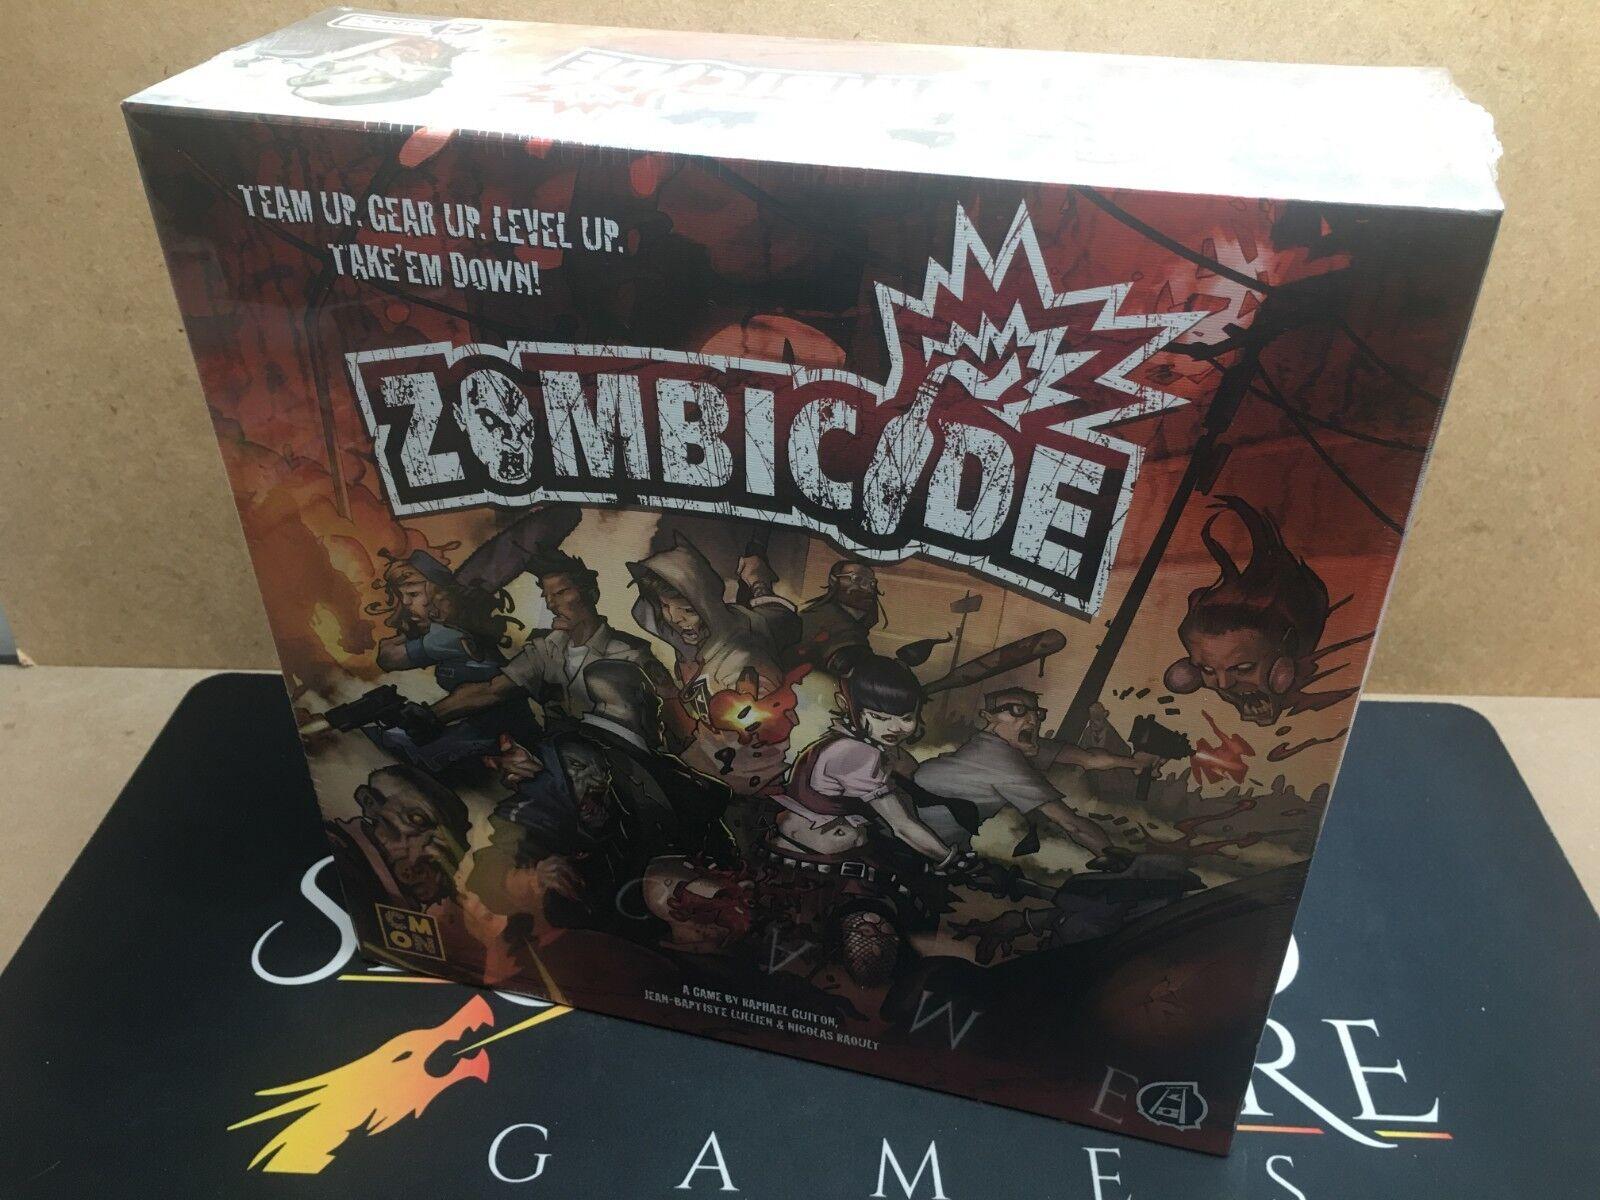 Zombicide gioco da tavolo-CMON LIMITED (GENUINE SIGILLATO)